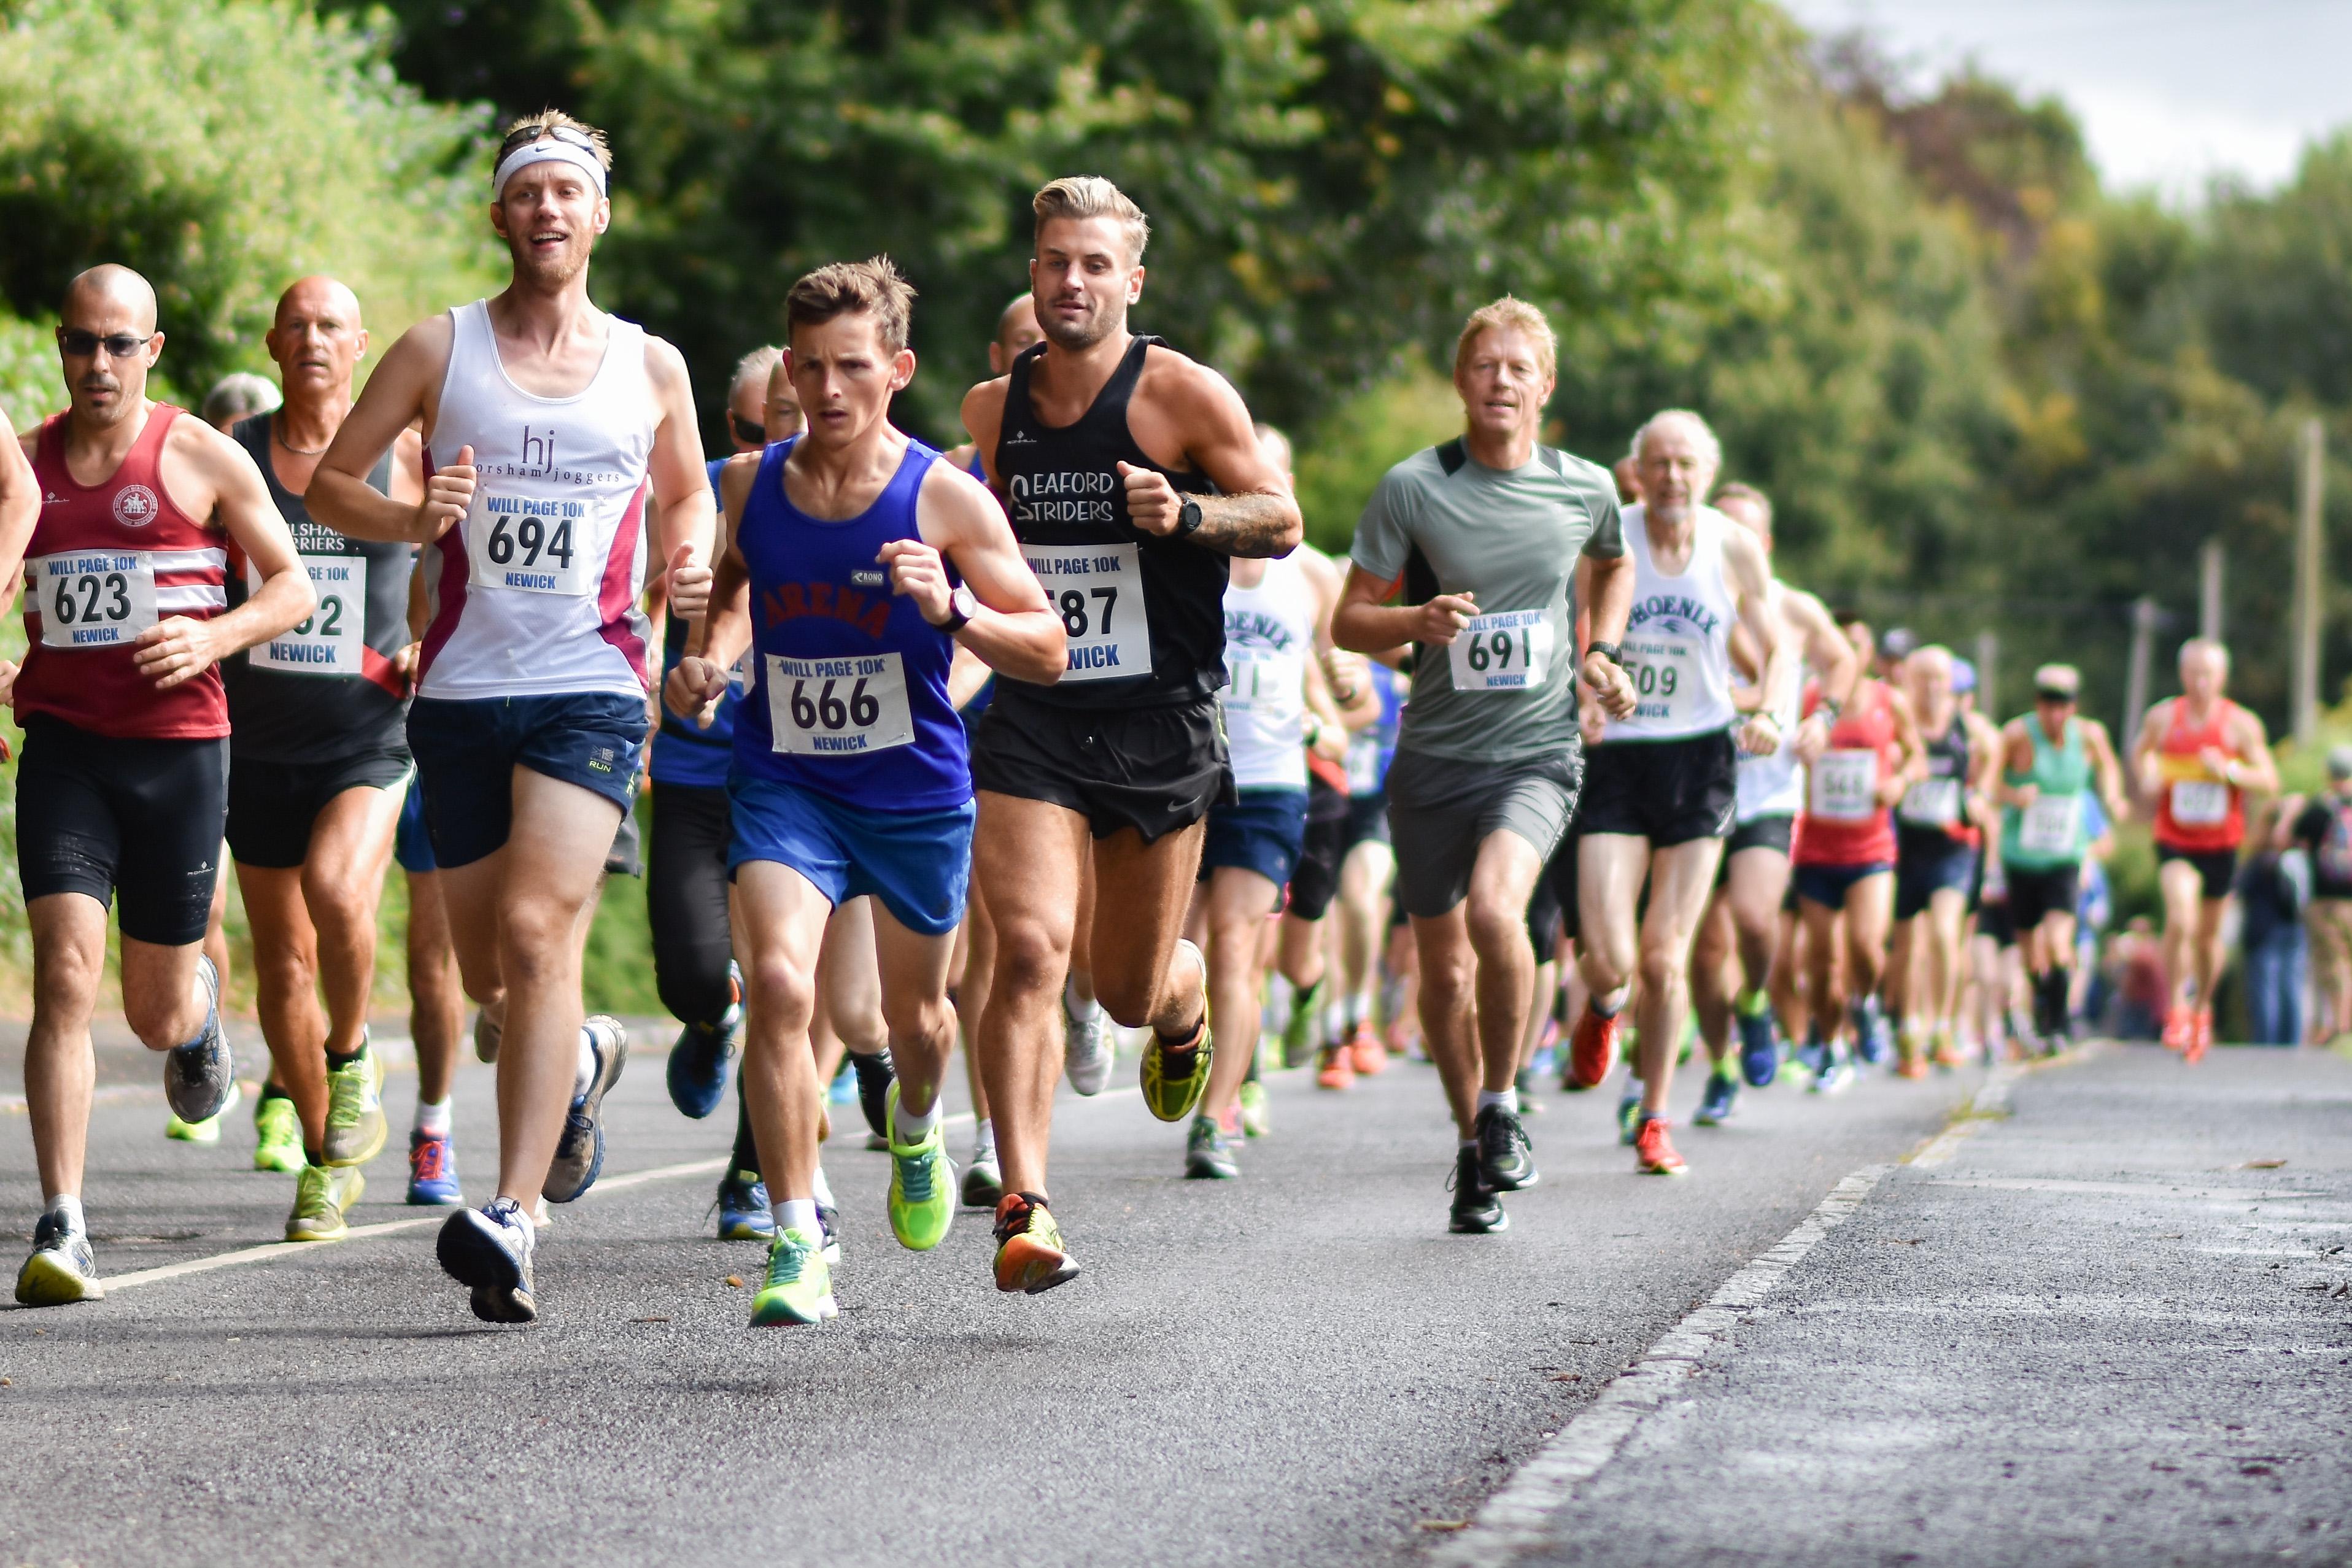 Runner - 694 (1)